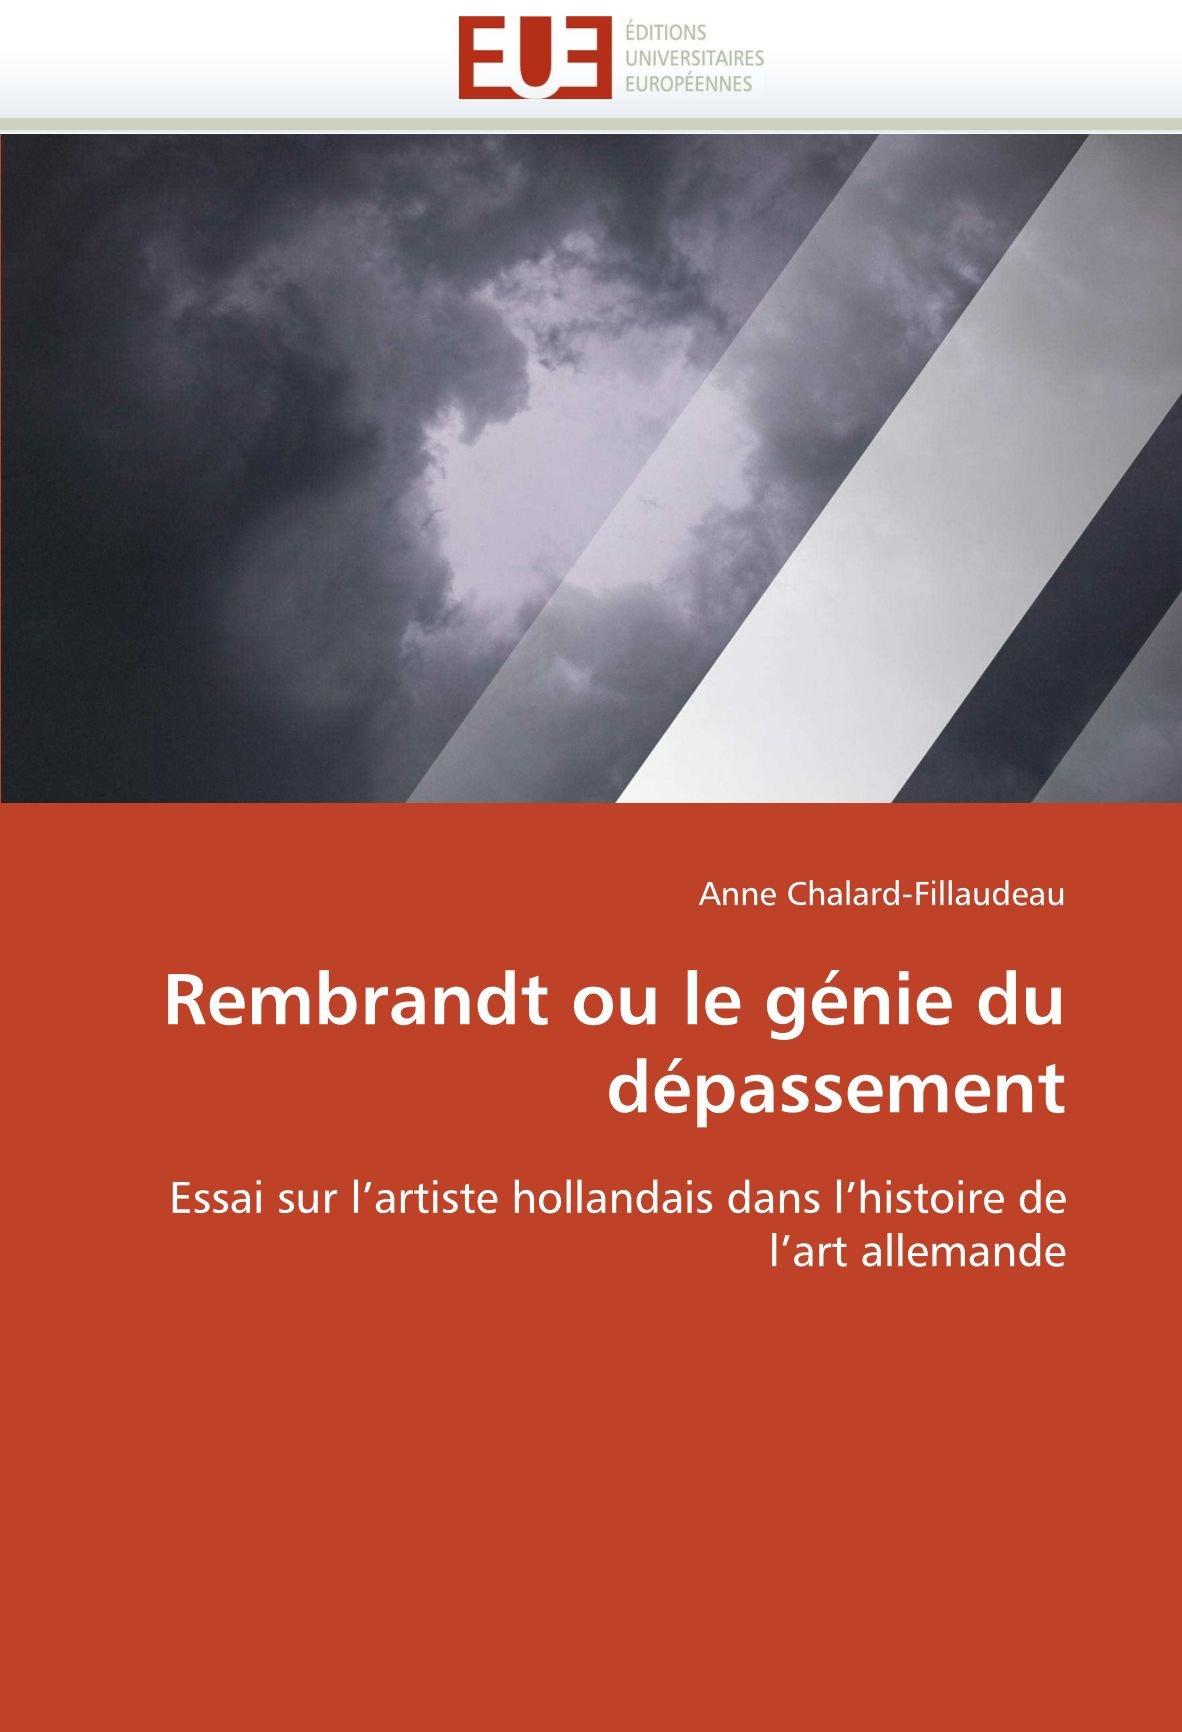 rembrandt ou le gnie du dpassement essai sur lartiste hollandais dans lhistoire de lart allemande omnuniveurop french edition